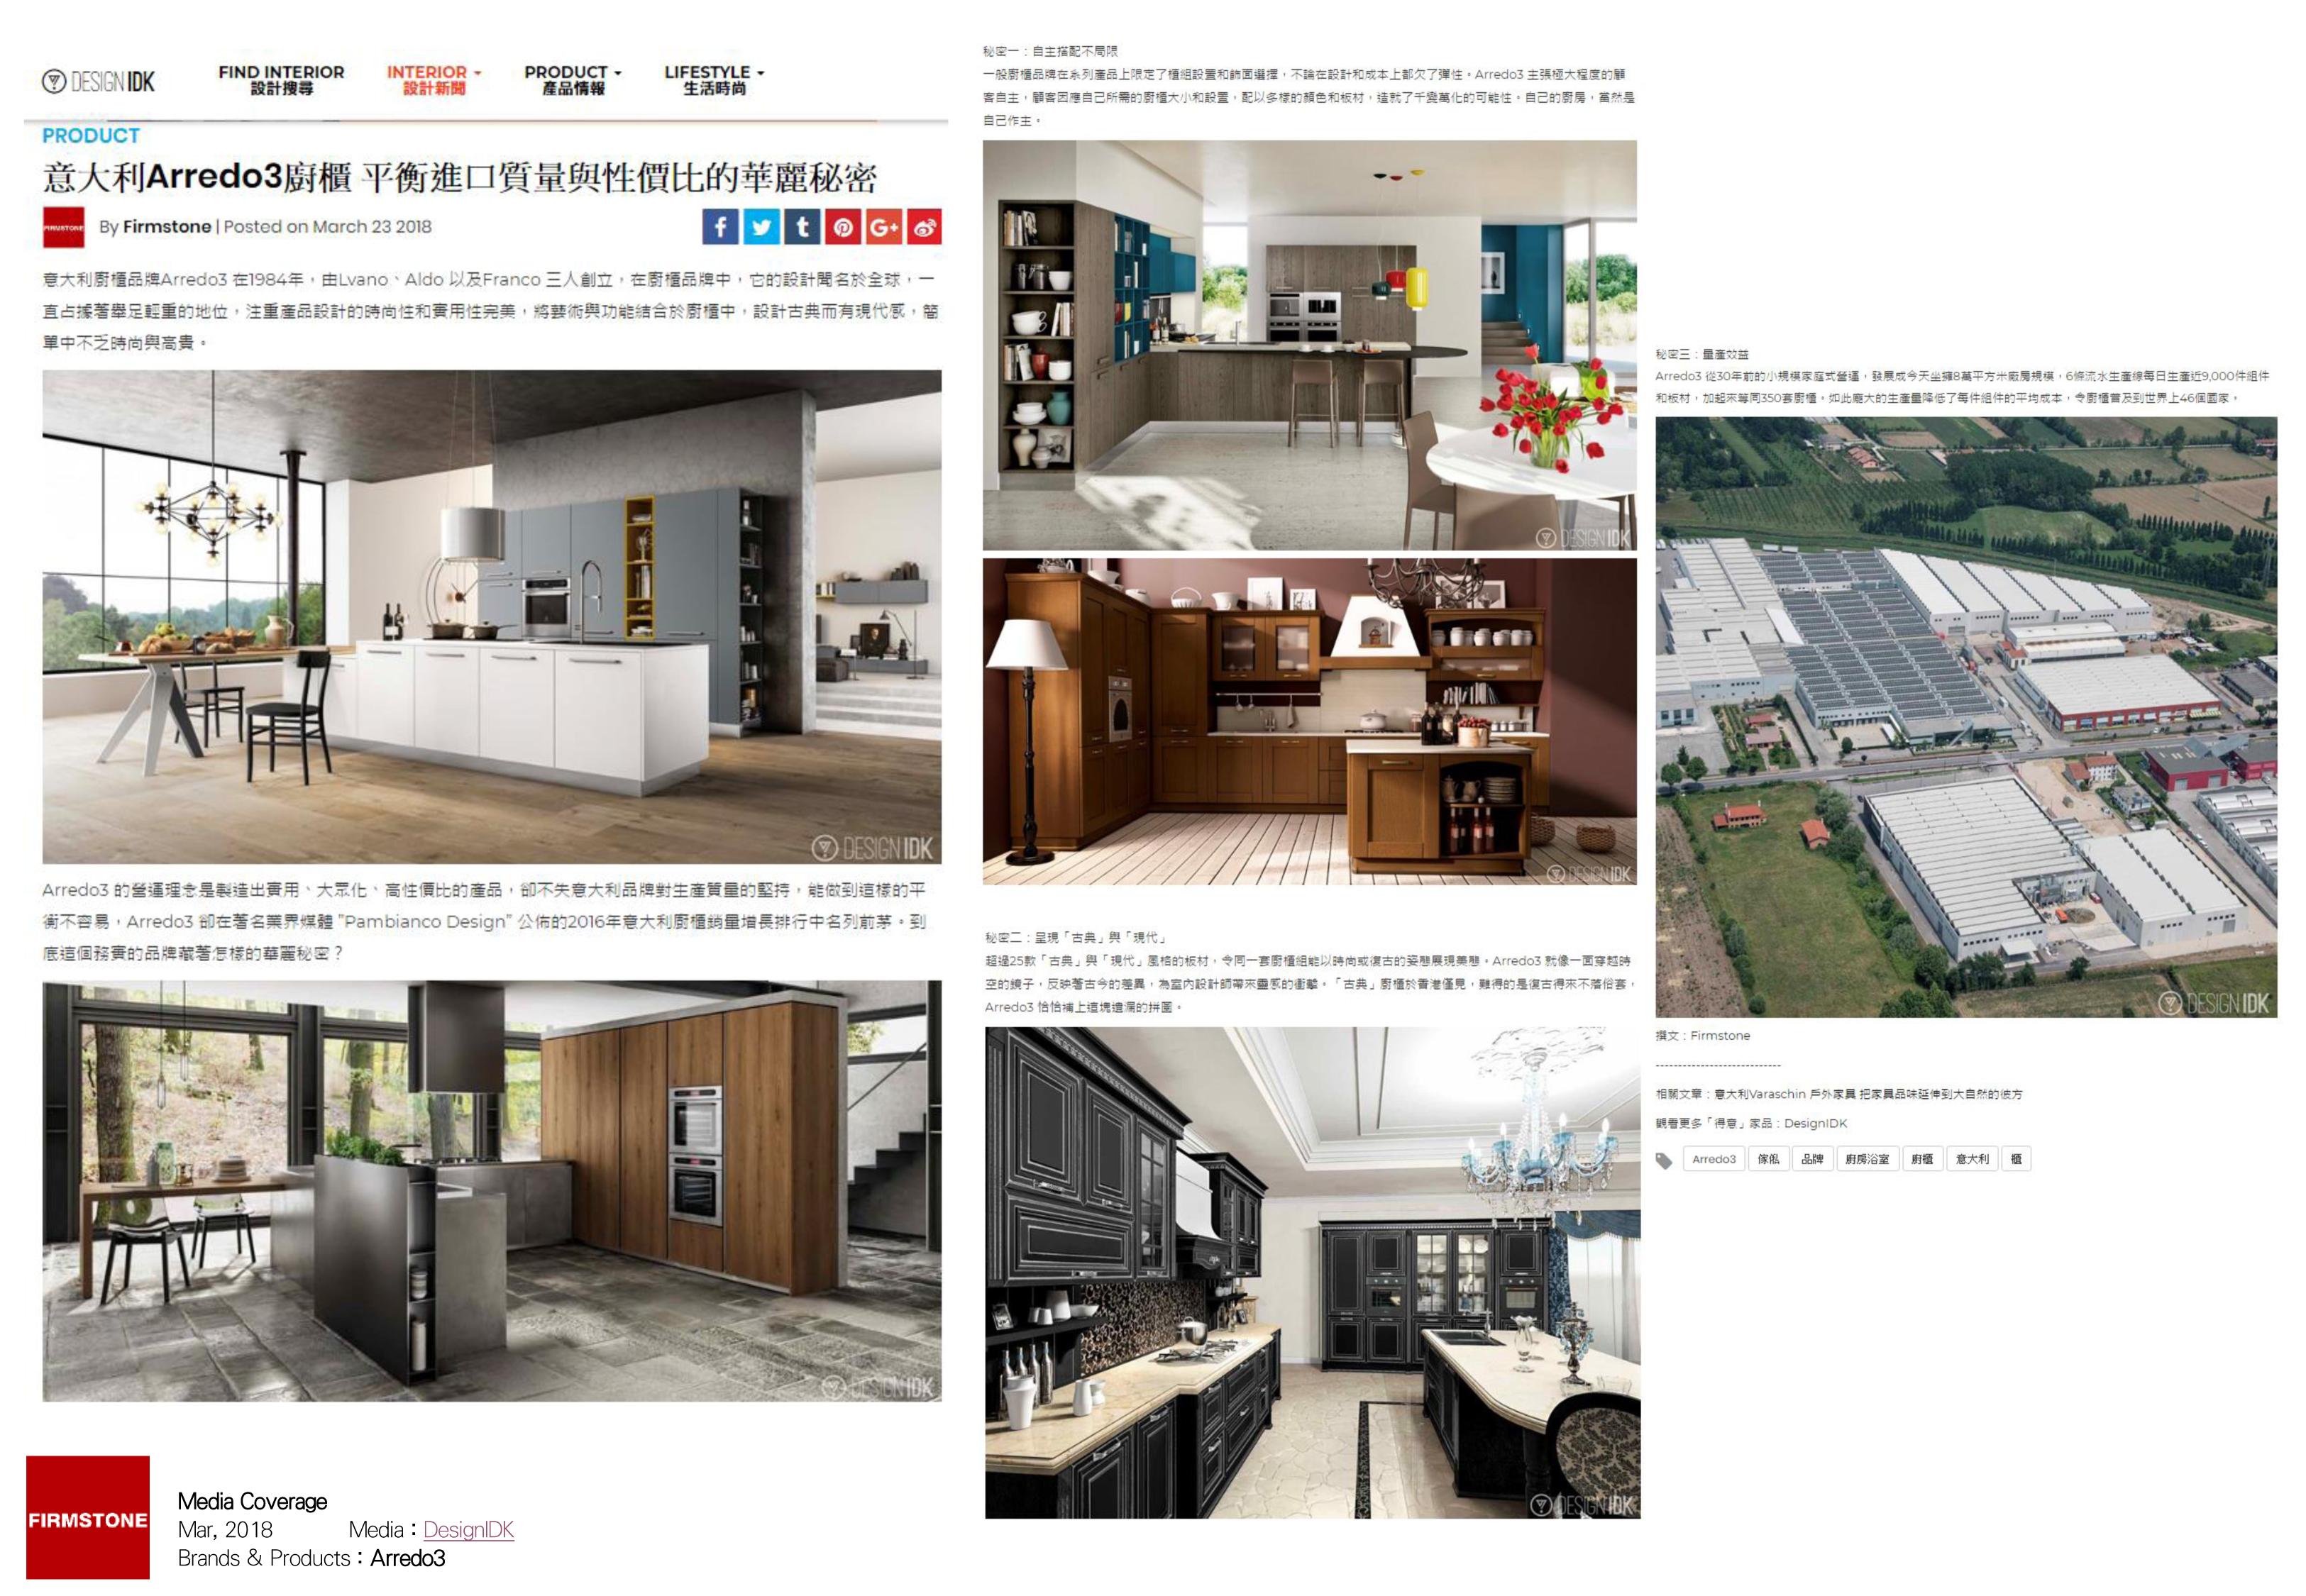 201803 DesignIDK (Arredo3)